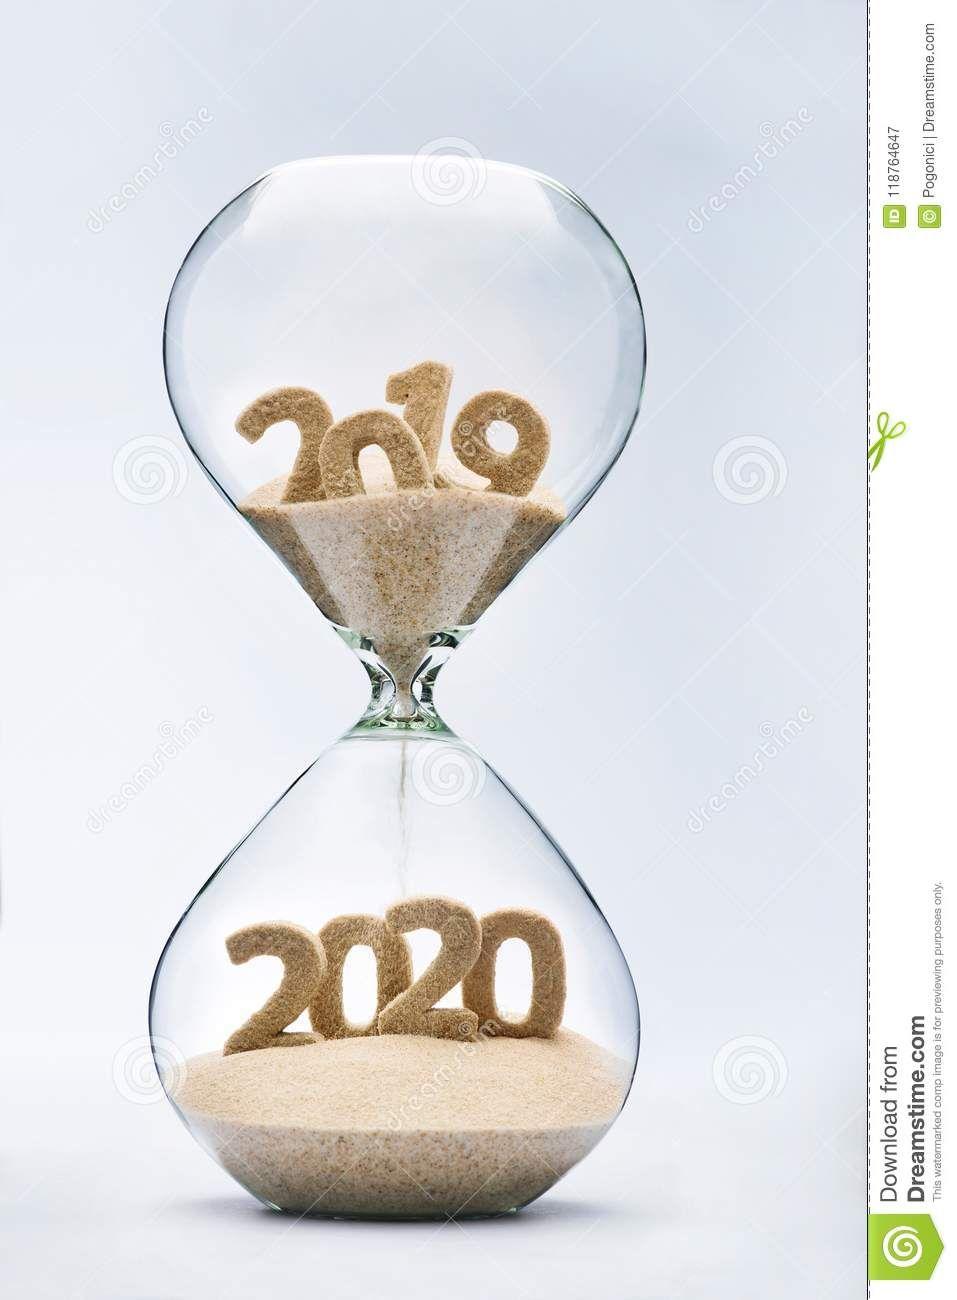 Passagem no ano novo 2020 imagem de stock. Imagem de countdown - 118764647